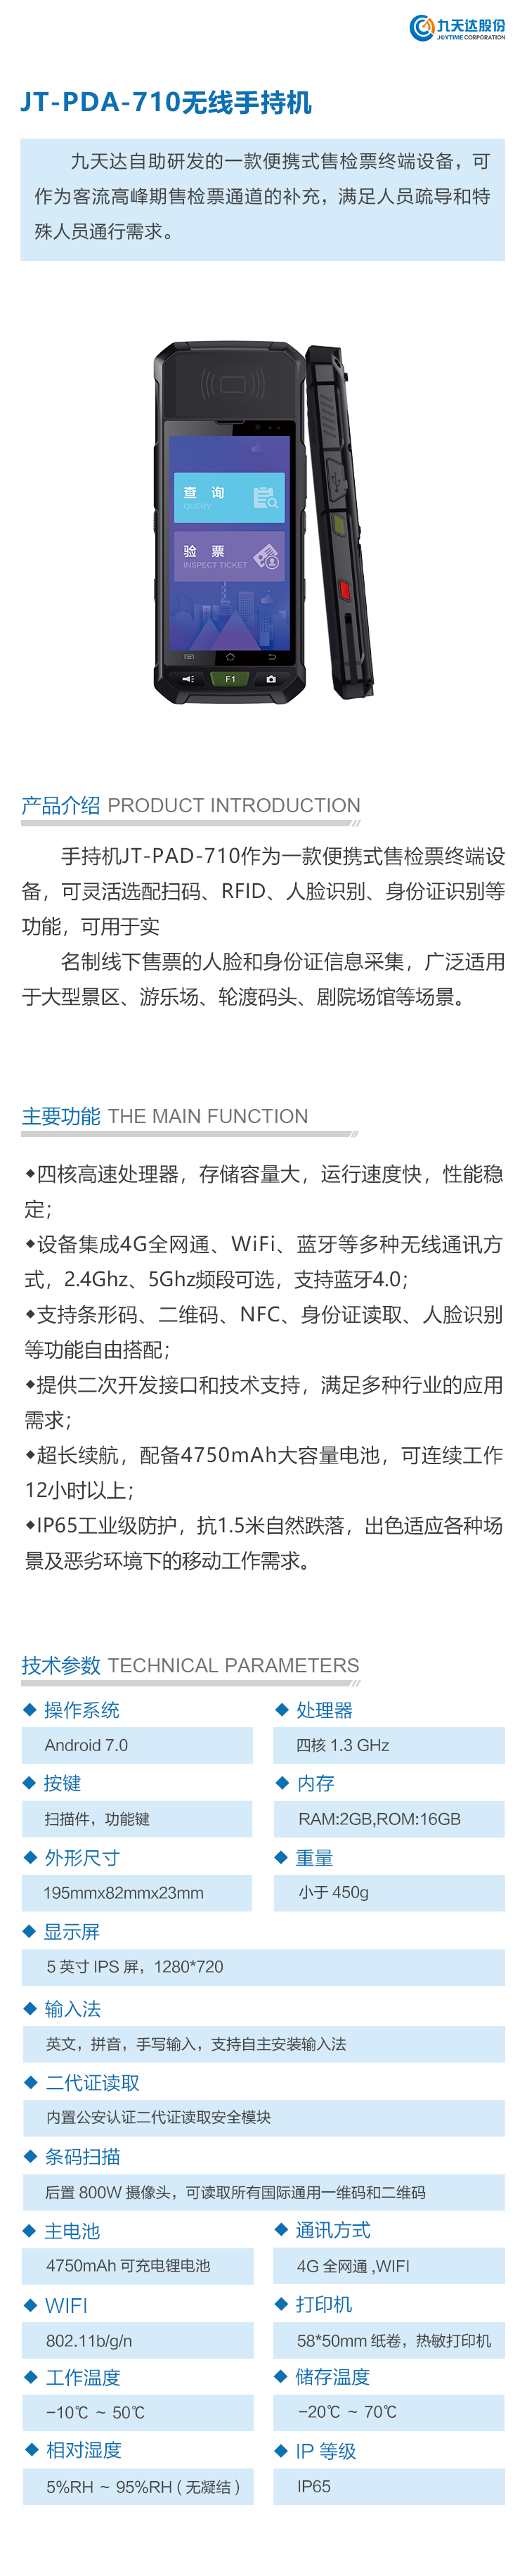 12780511_JT-PDA-710无线手持机